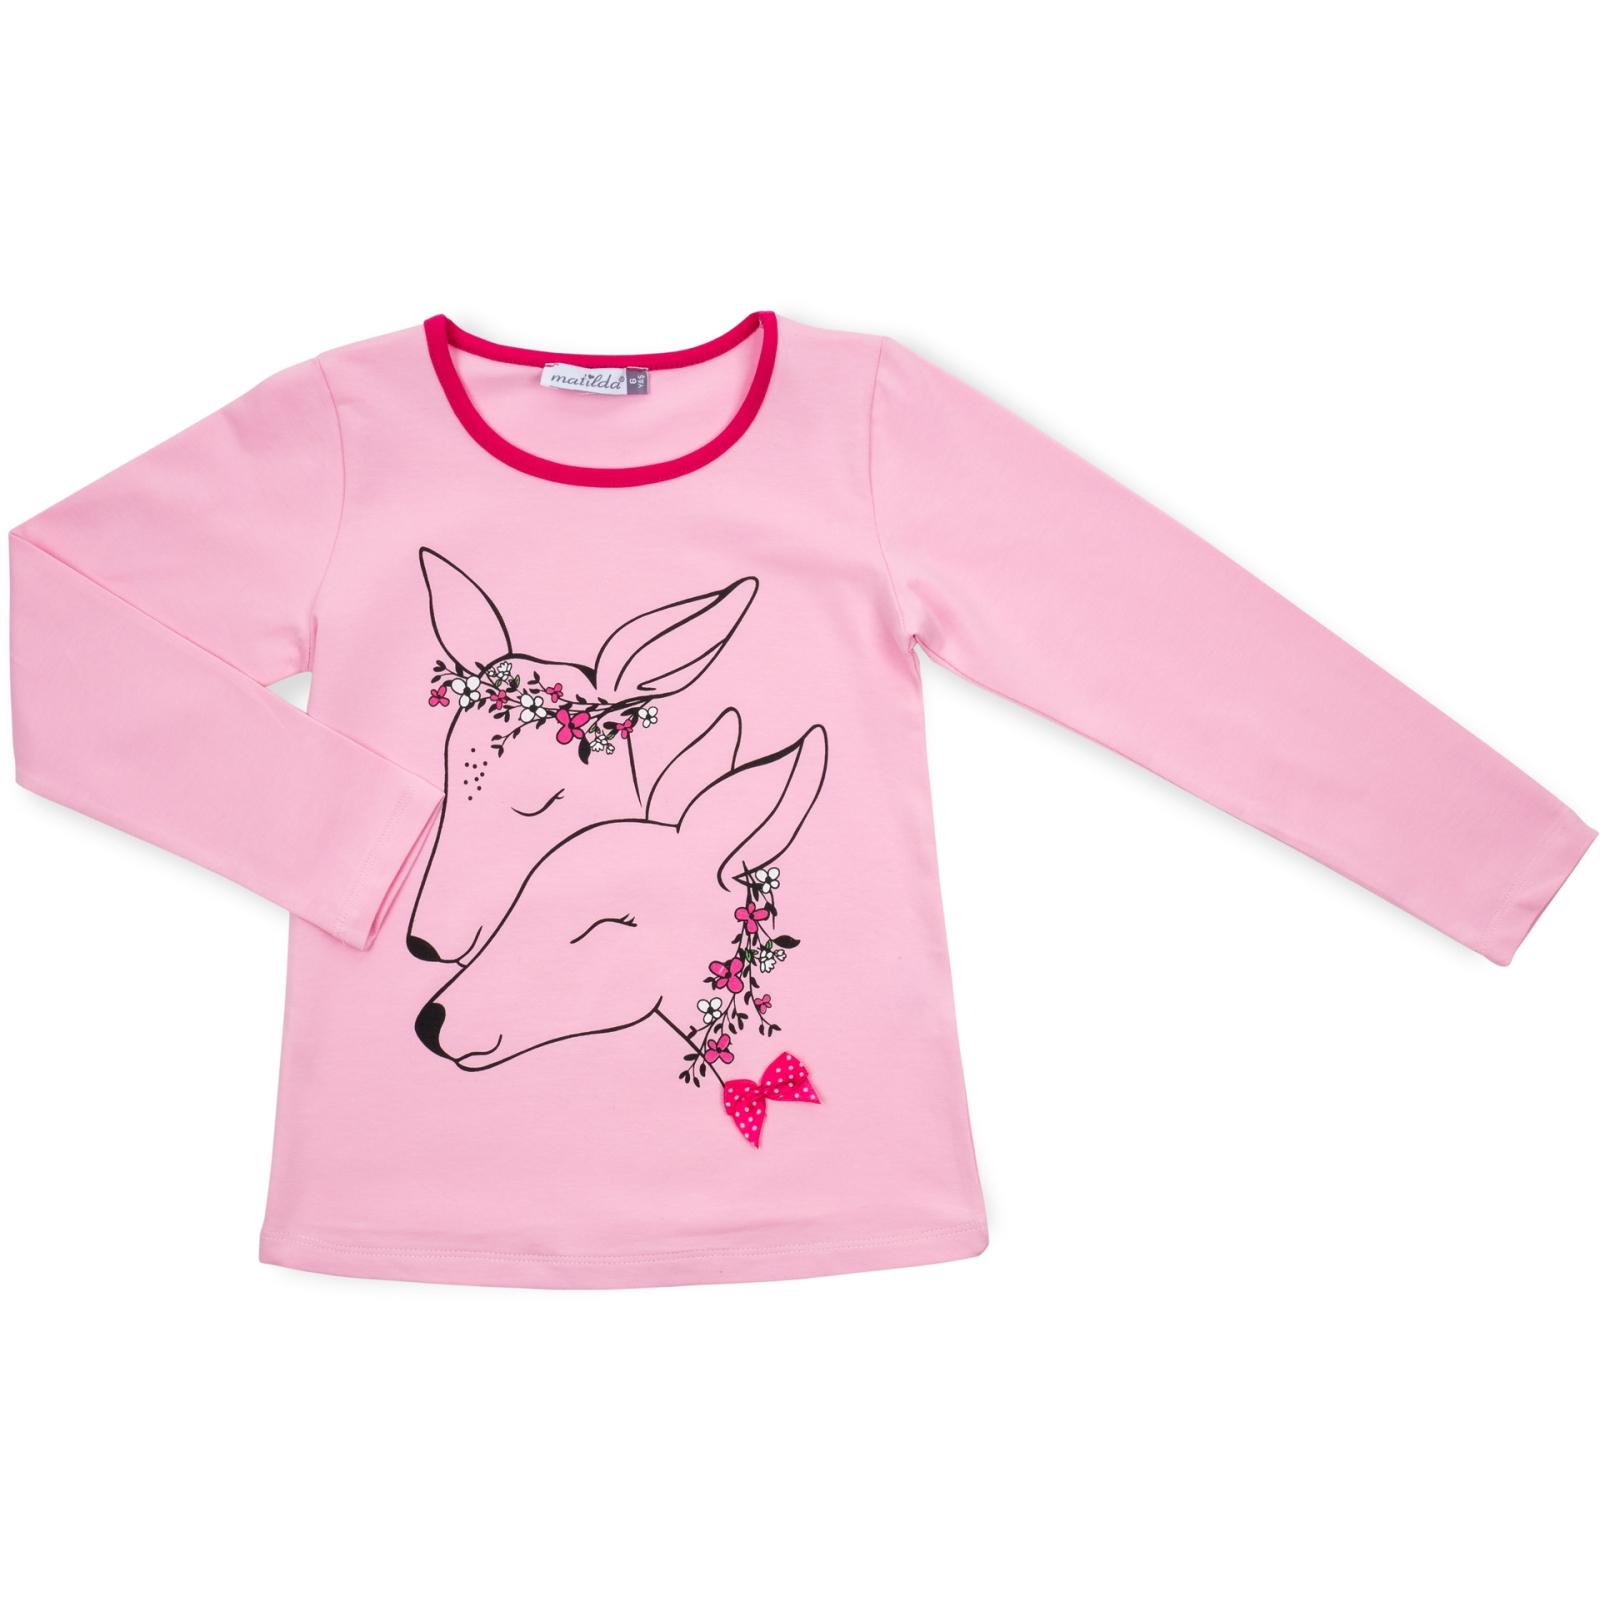 Пижама Matilda с оленями (10817-3-122G-pink) изображение 2